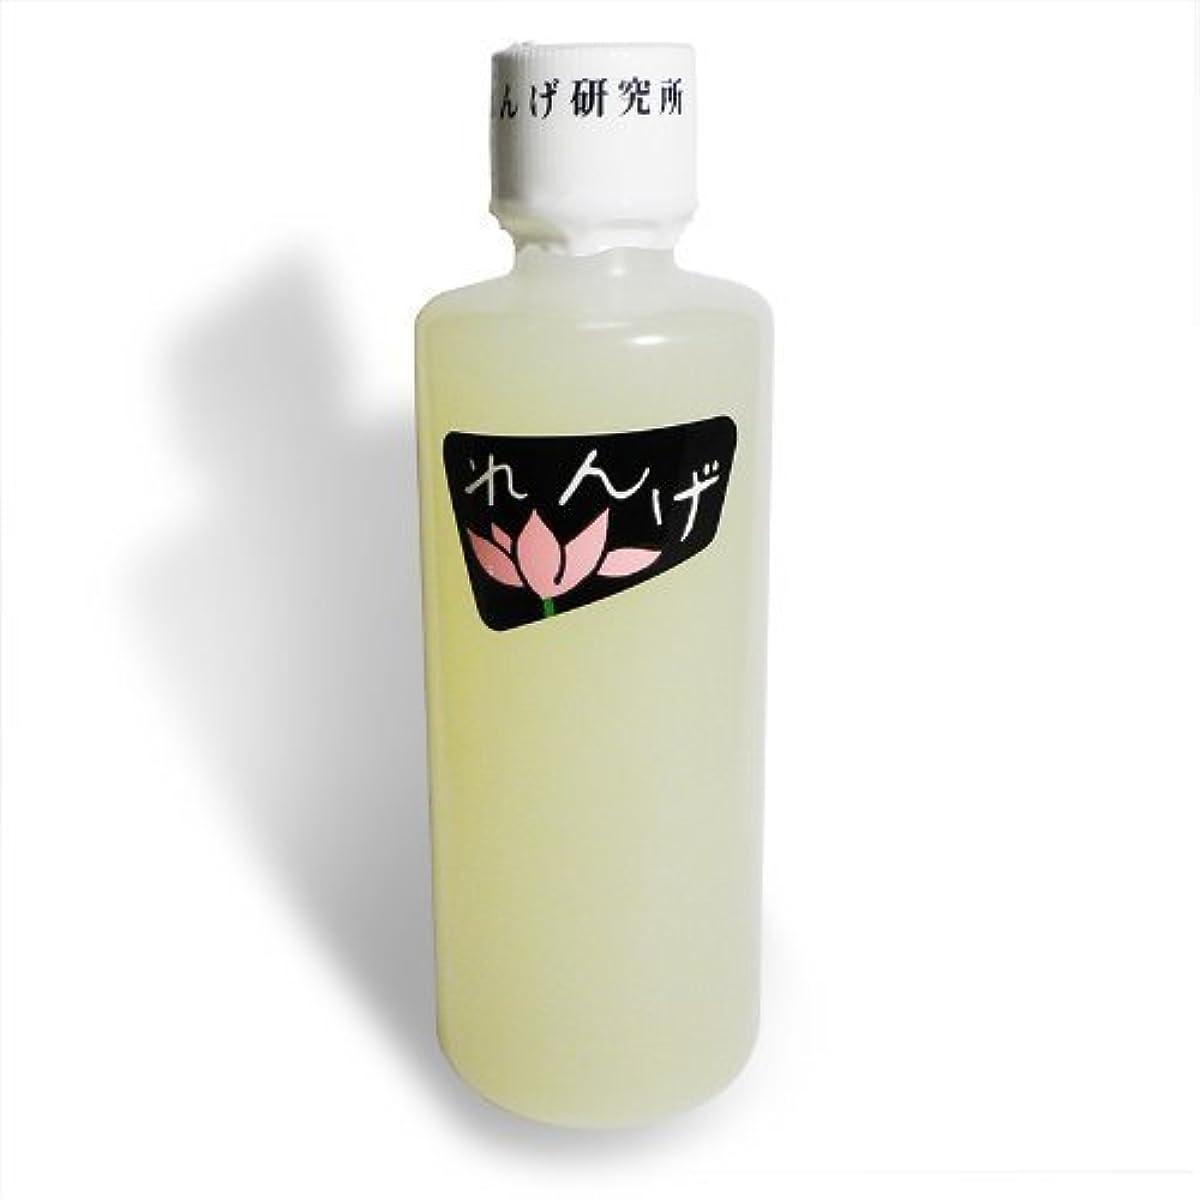 レール掃くウルルれんげ研究所 れんげ化粧水 140cc×6本